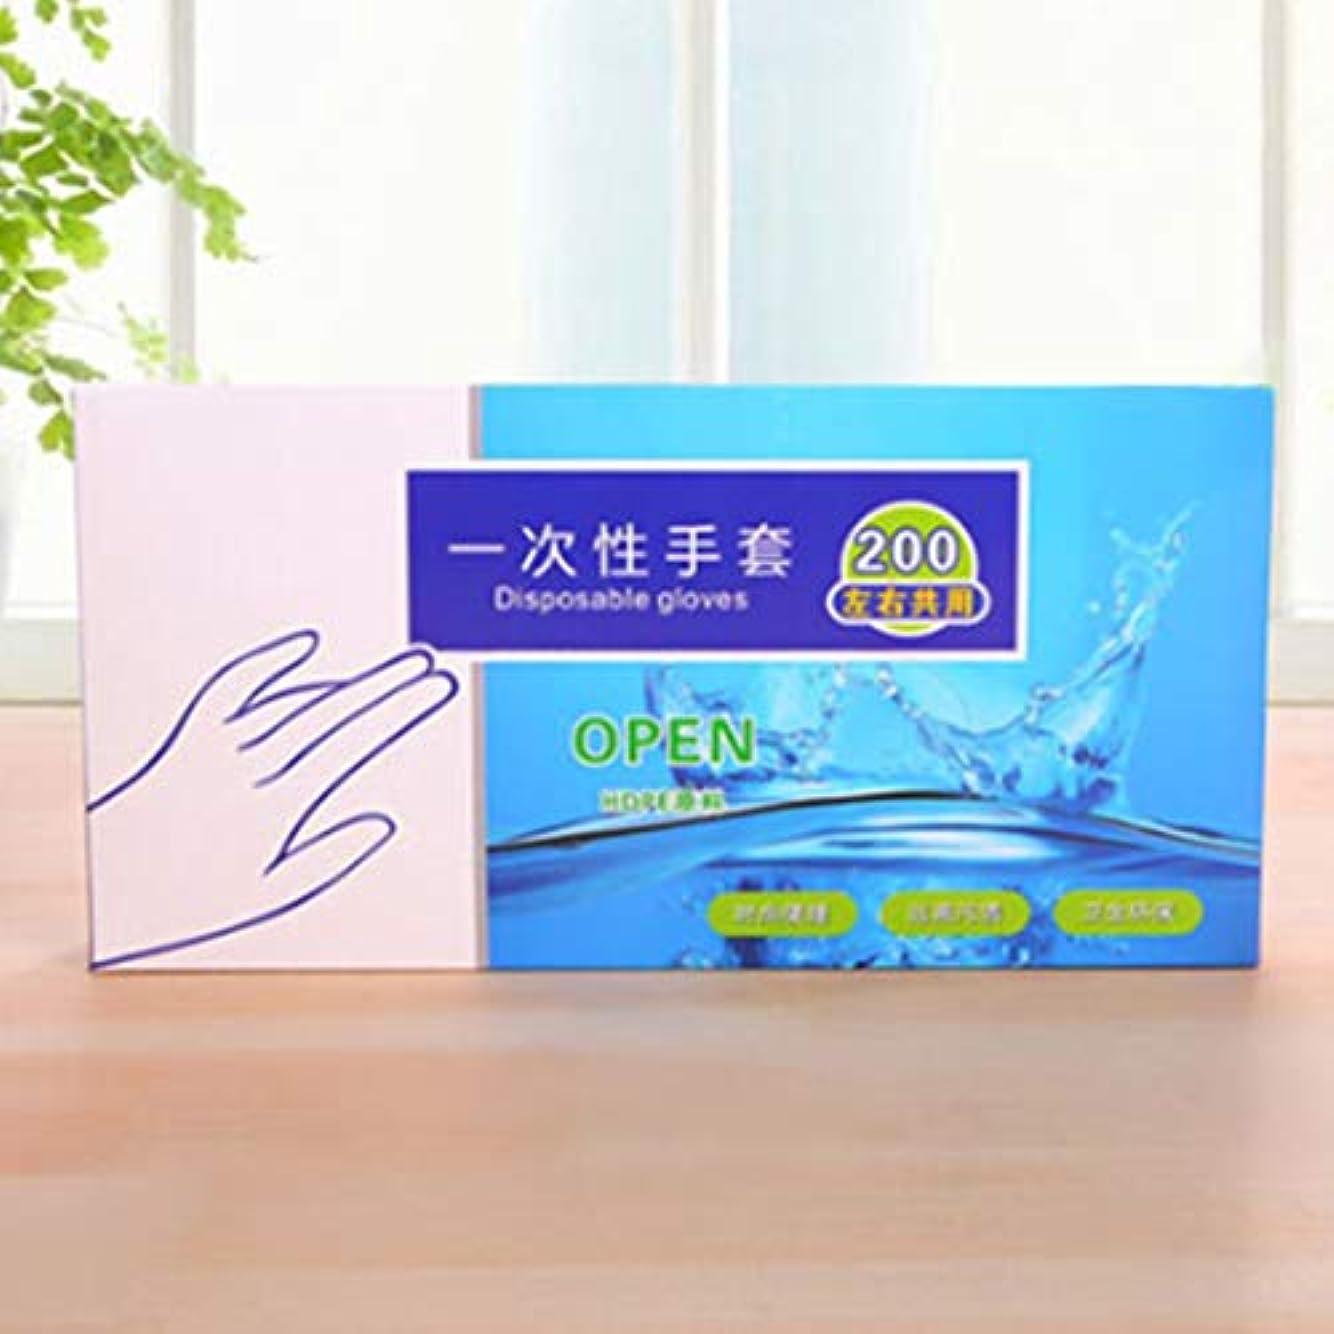 何か心理的行商SODAOA屋 使い捨て手袋 透明 実用 衛生 プラスチック 調理 お掃除 毛染め 100枚/200枚 (200)